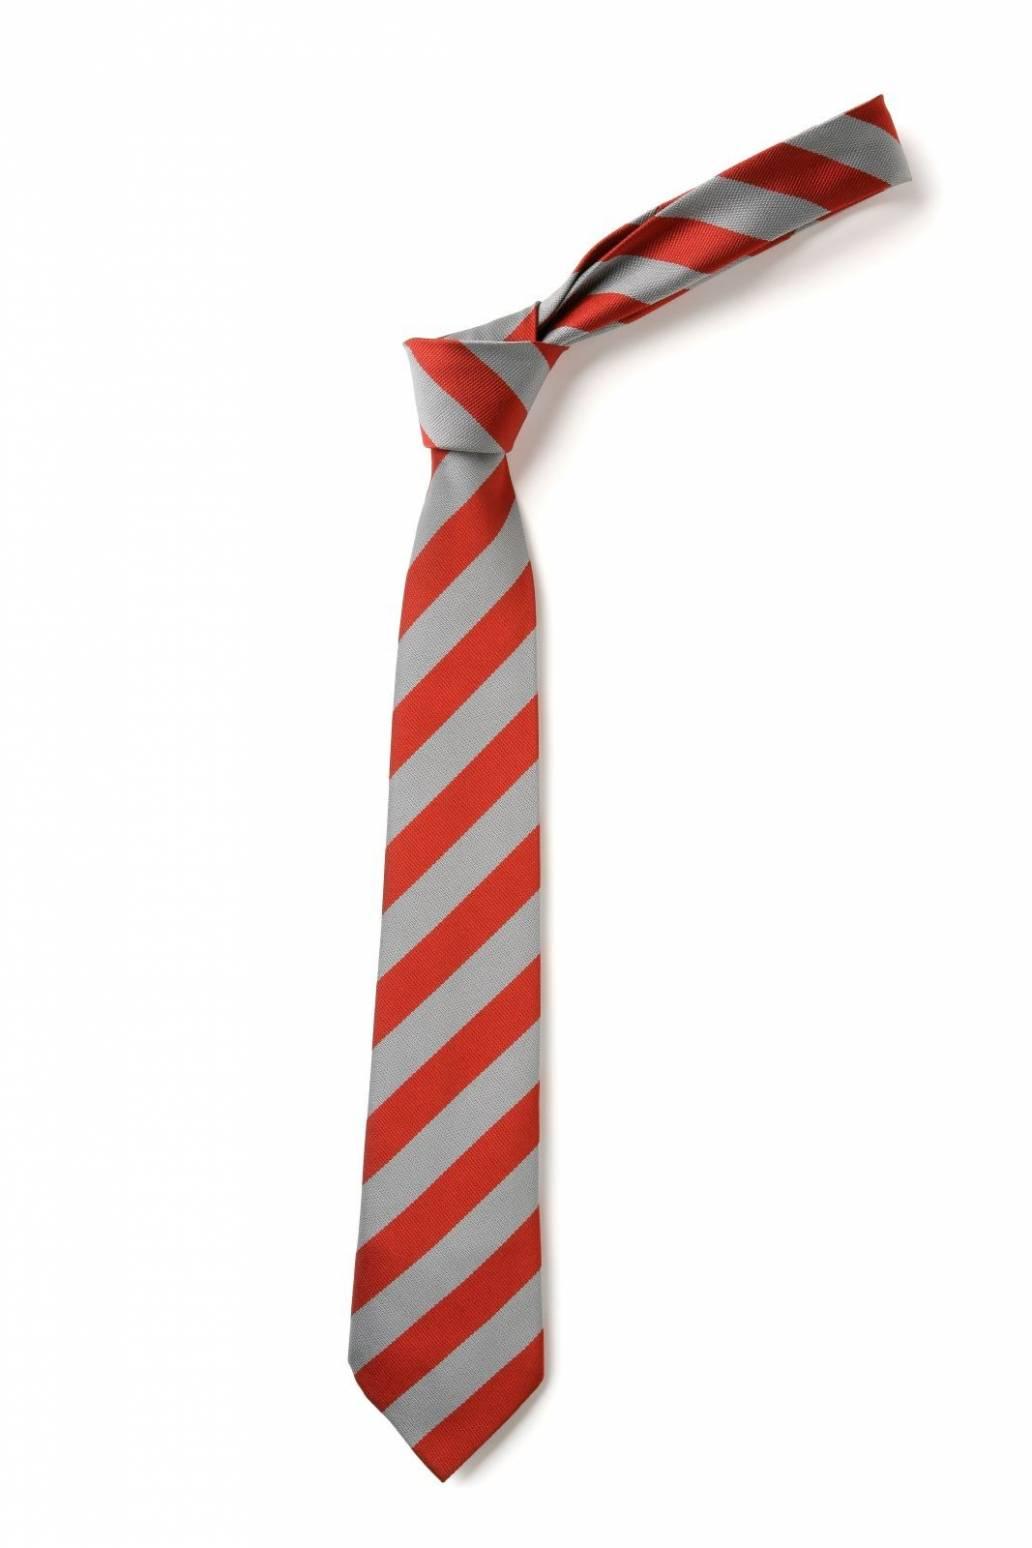 St John's RC Primary School Tie